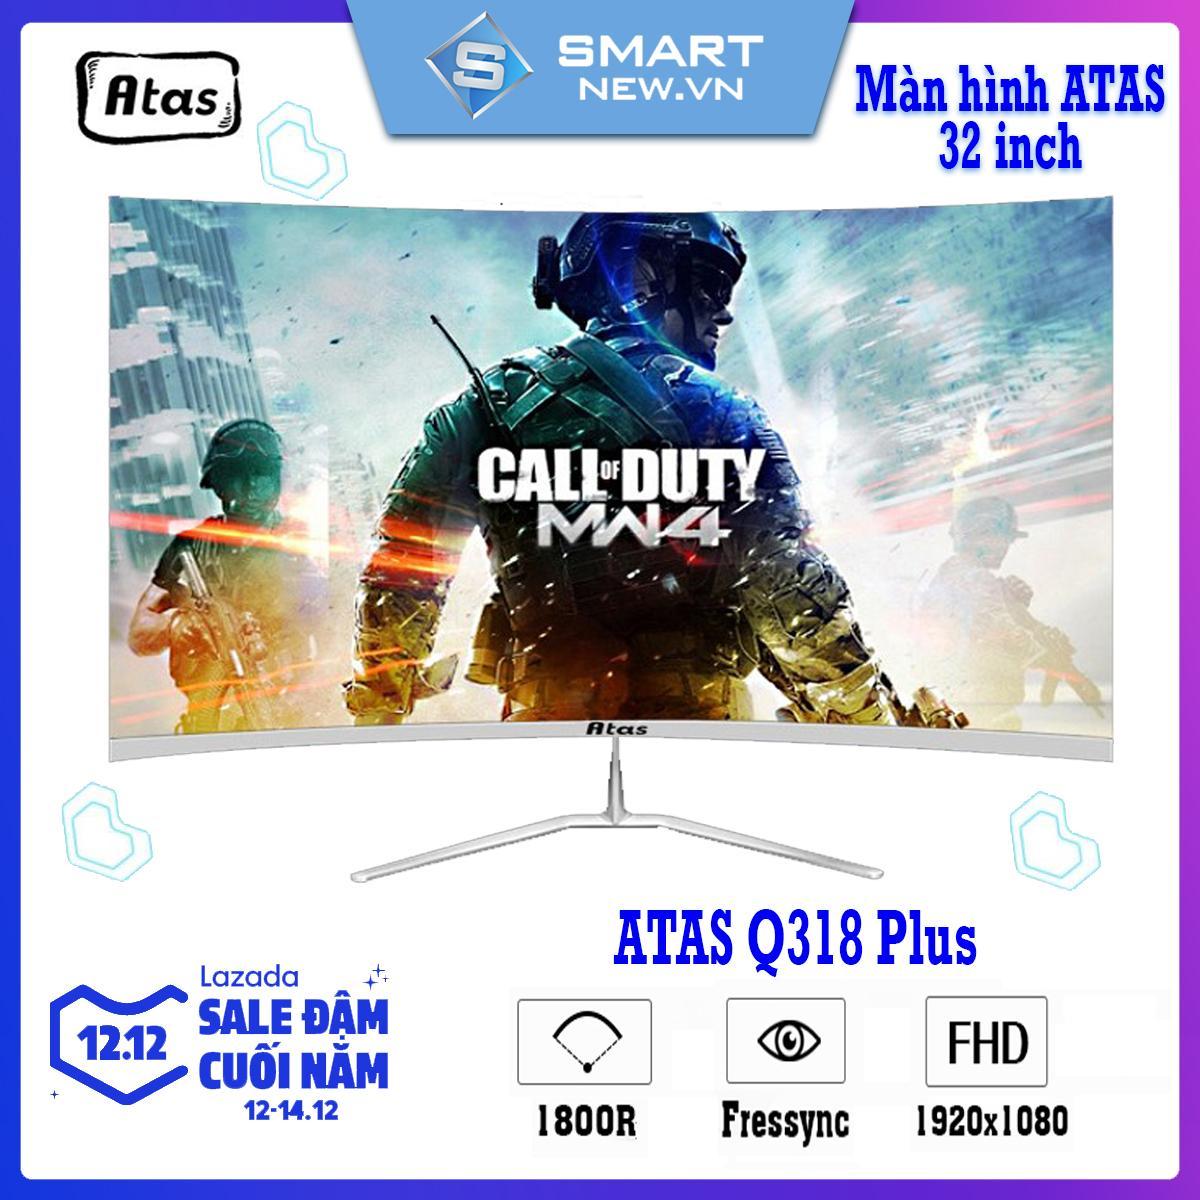 Giá Màn hình máy tính 32 inch siêu cong không viền Atas Q318 Plus - Tần số quét 75Hz - Fresync